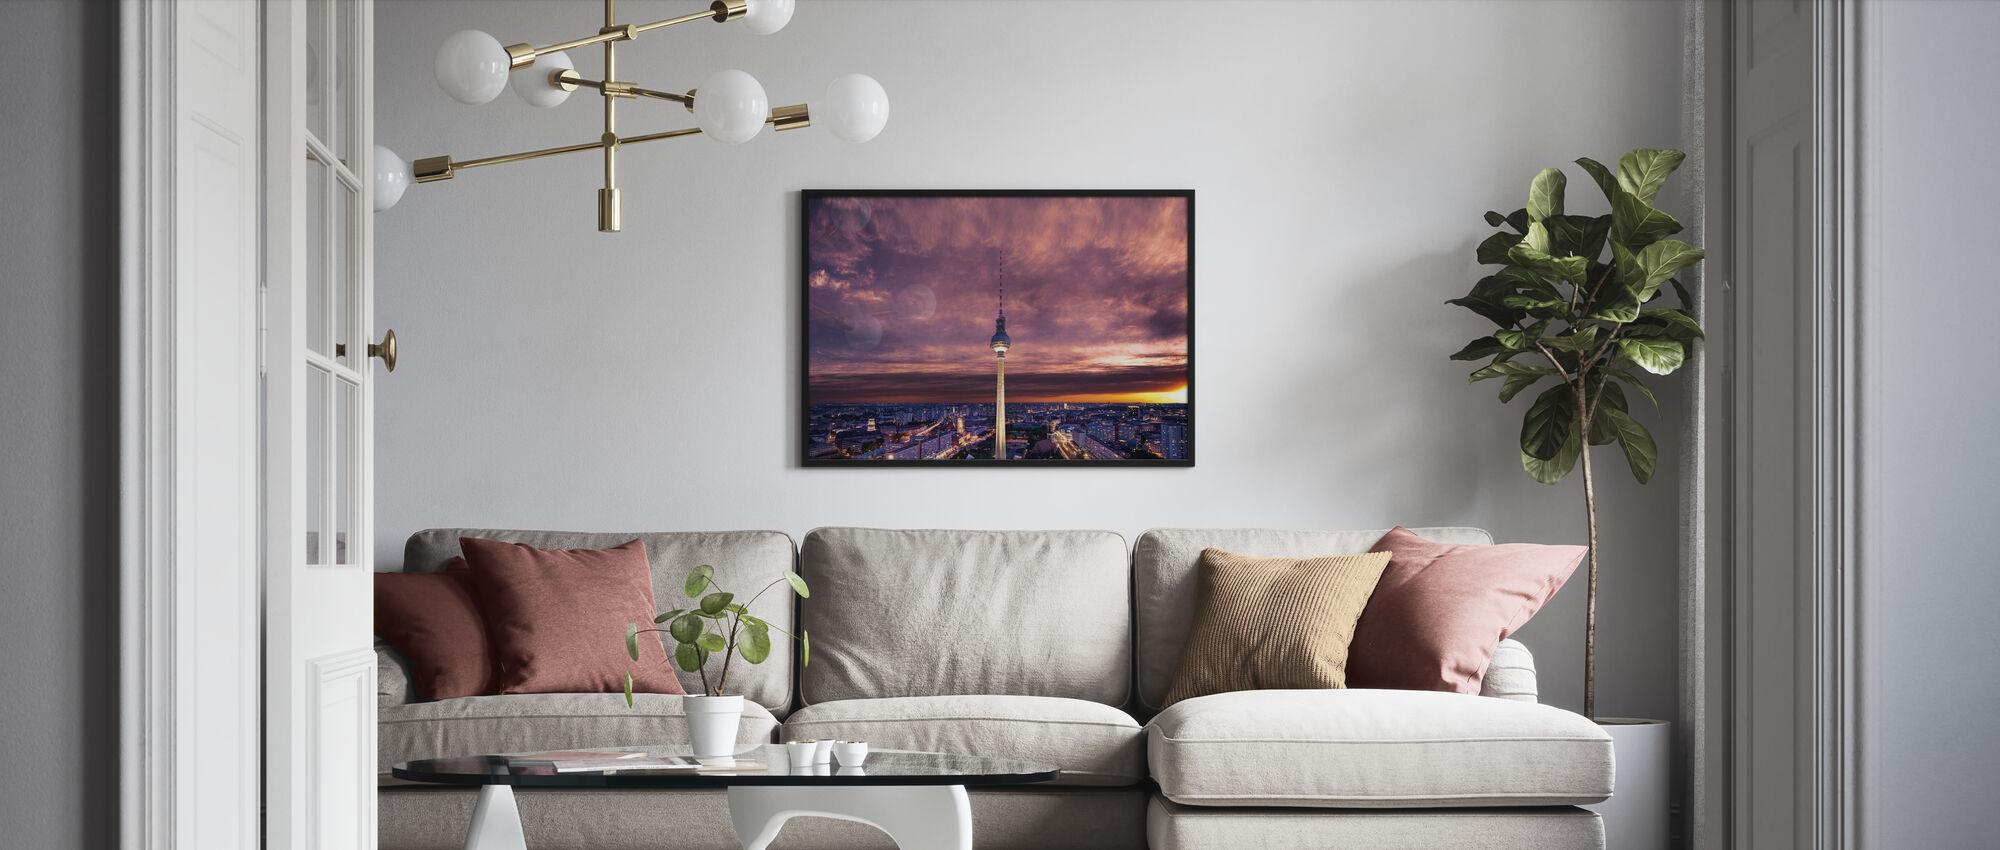 Tv-tower against Dramatic Sky - Framed print - Living Room